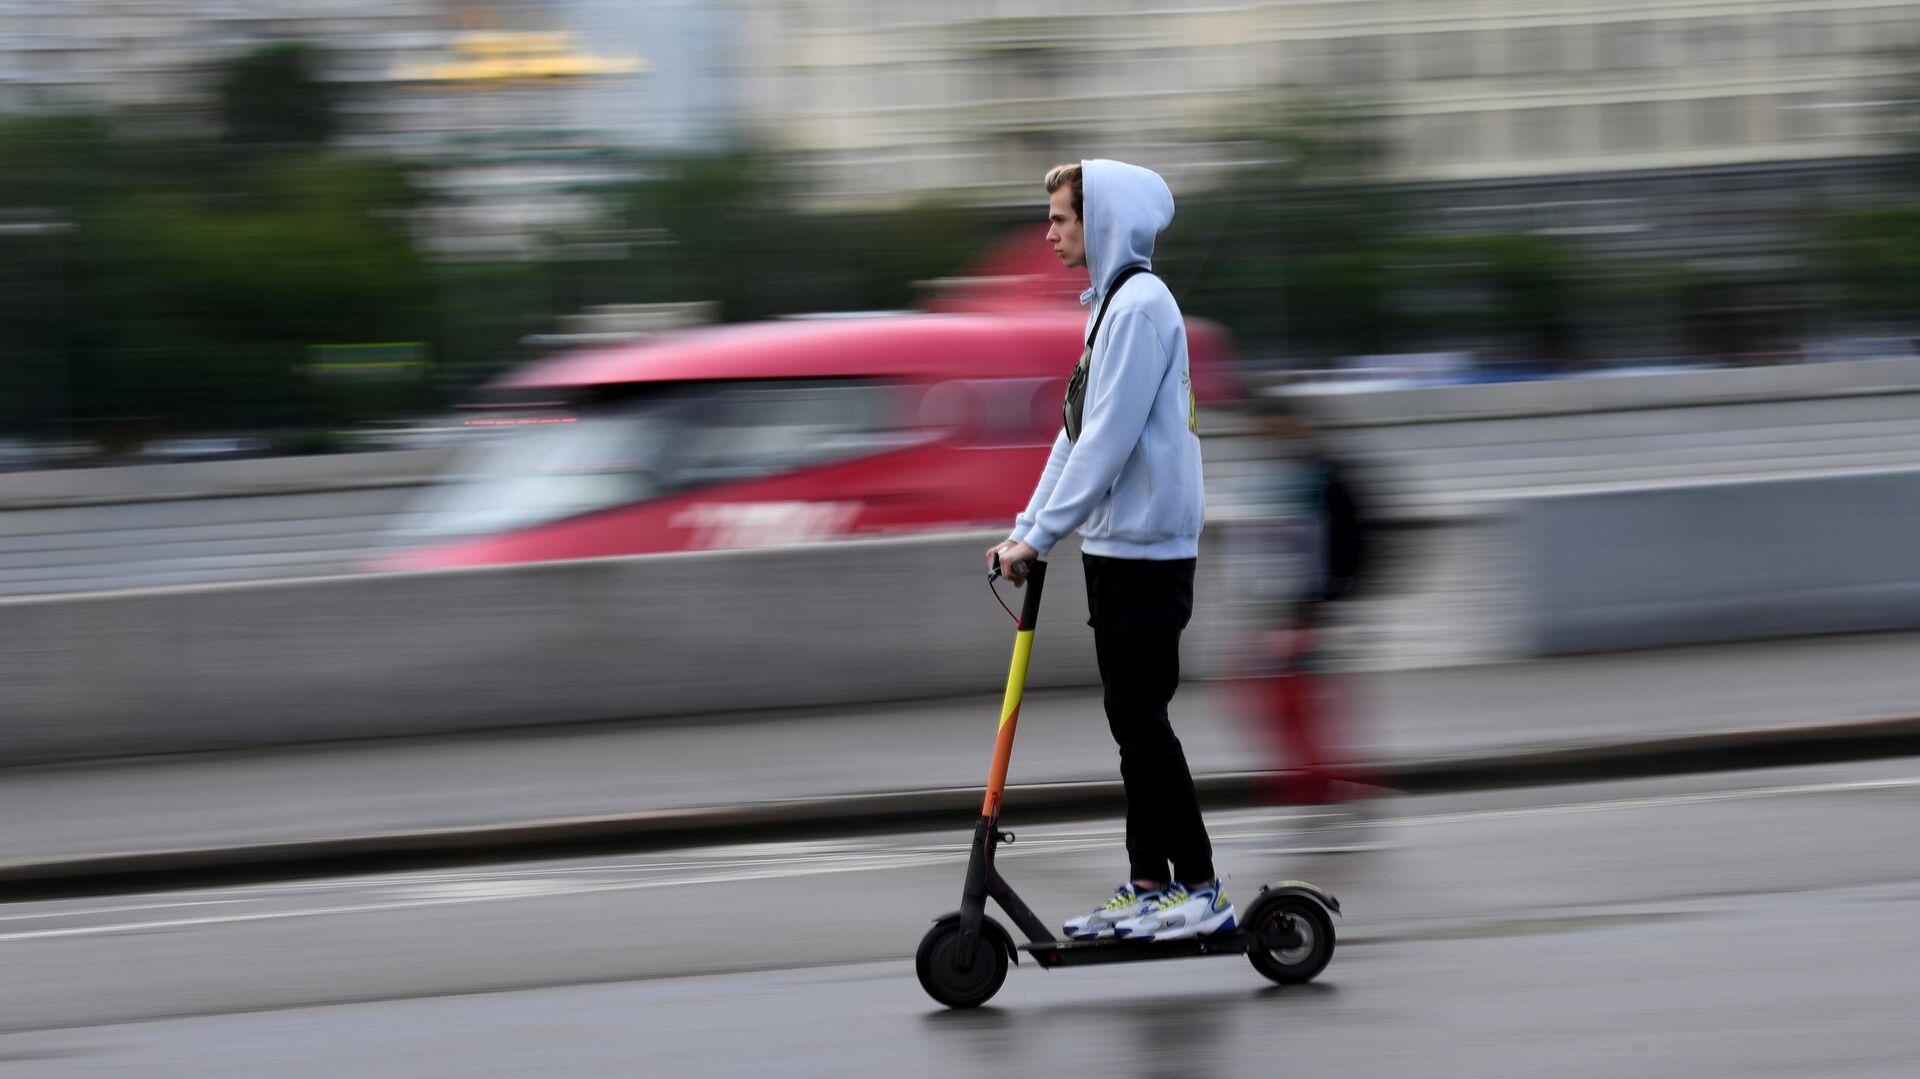 Молодой человек едет на электросамокате в центре Москвы - РИА Новости, 1920, 17.06.2021